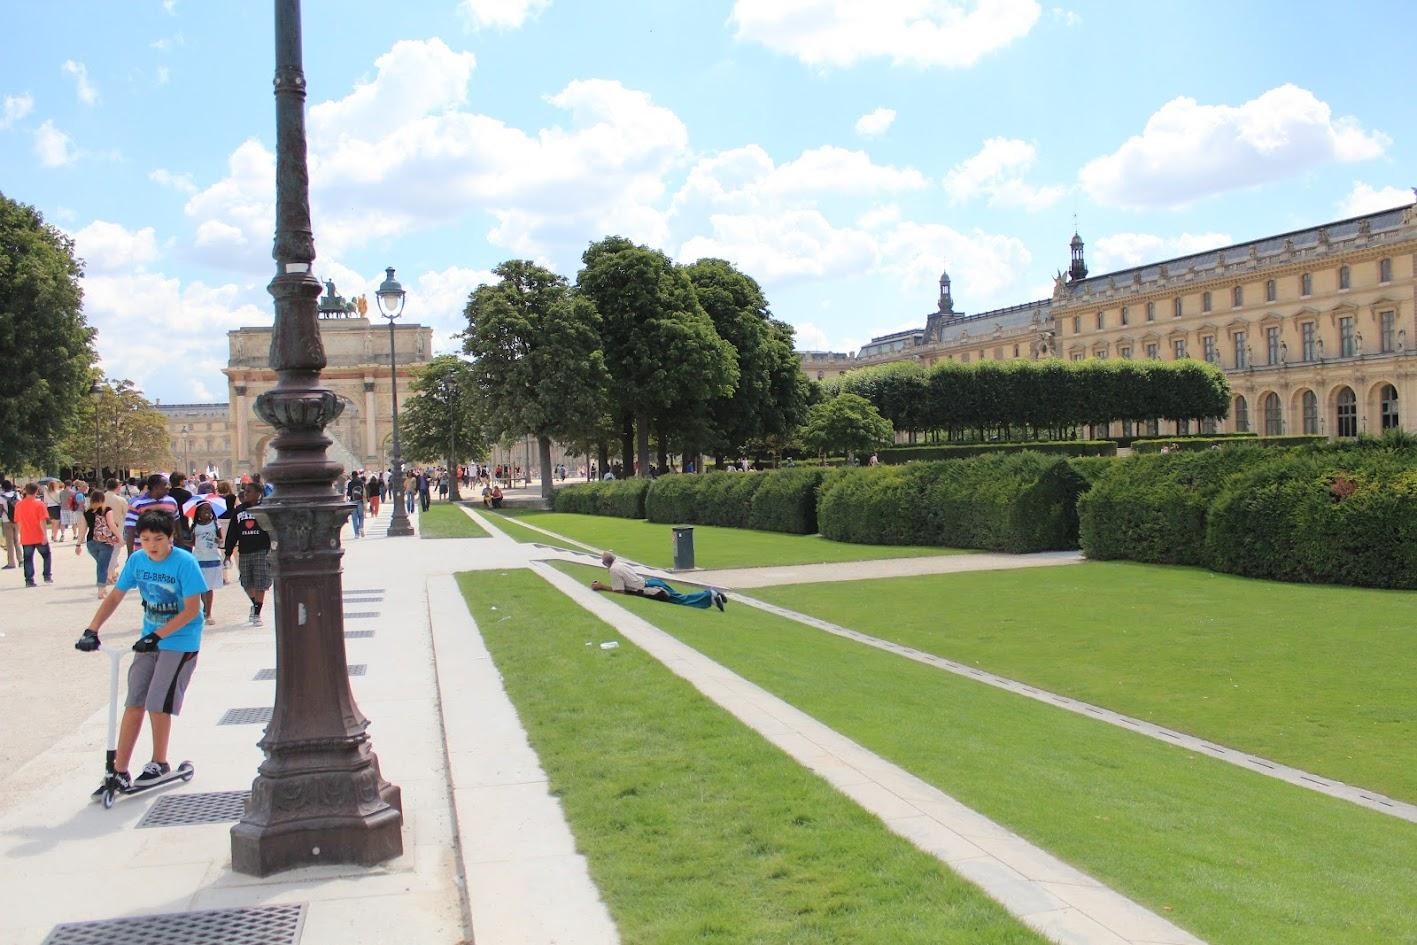 ALLAN KARDEC EM PARIS » Palácio do Louvre & Jardim das Tulherias